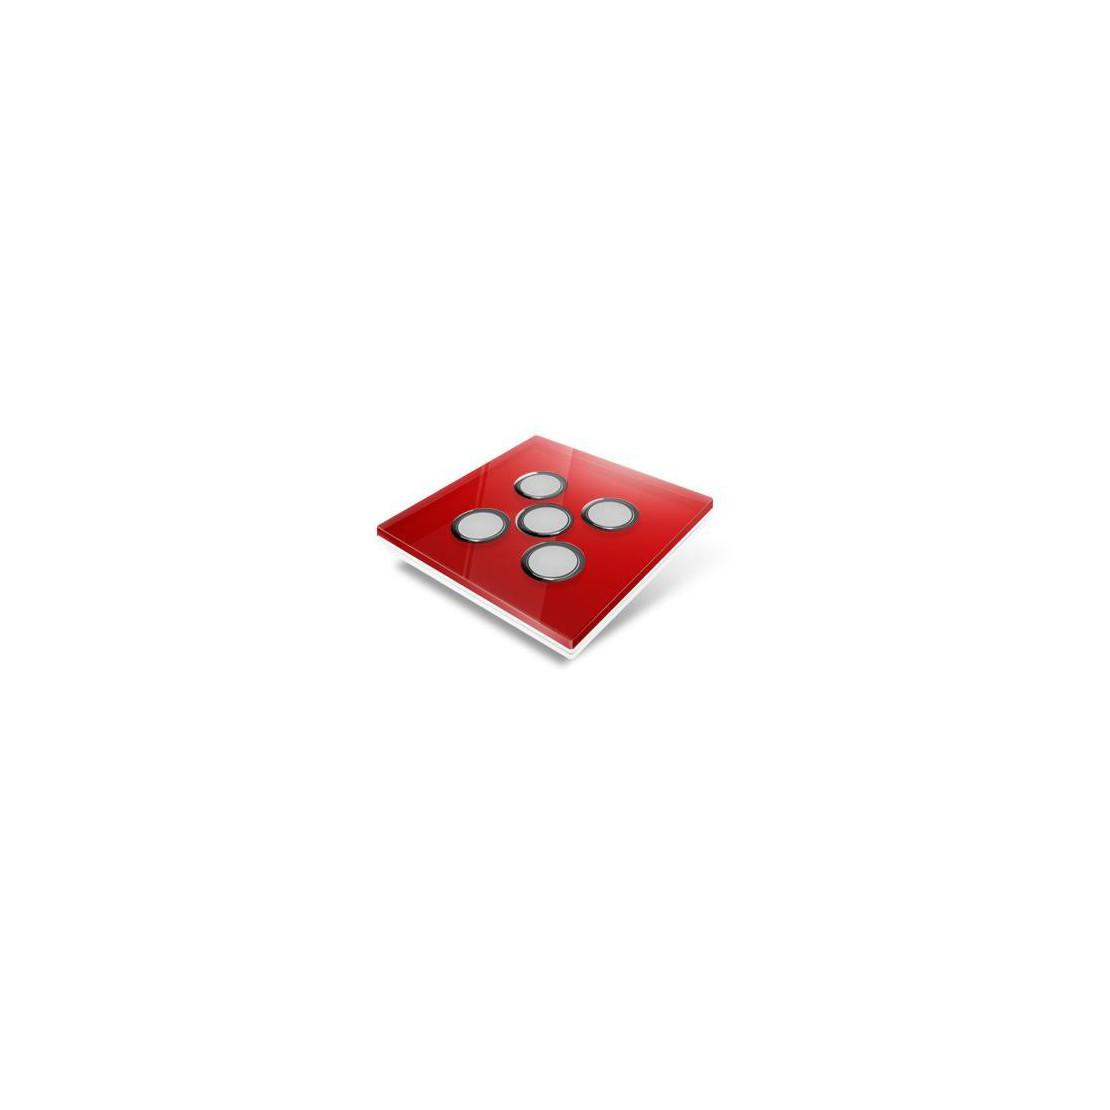 Afdekplaat voor Edisio-schakelaar - glas, rood